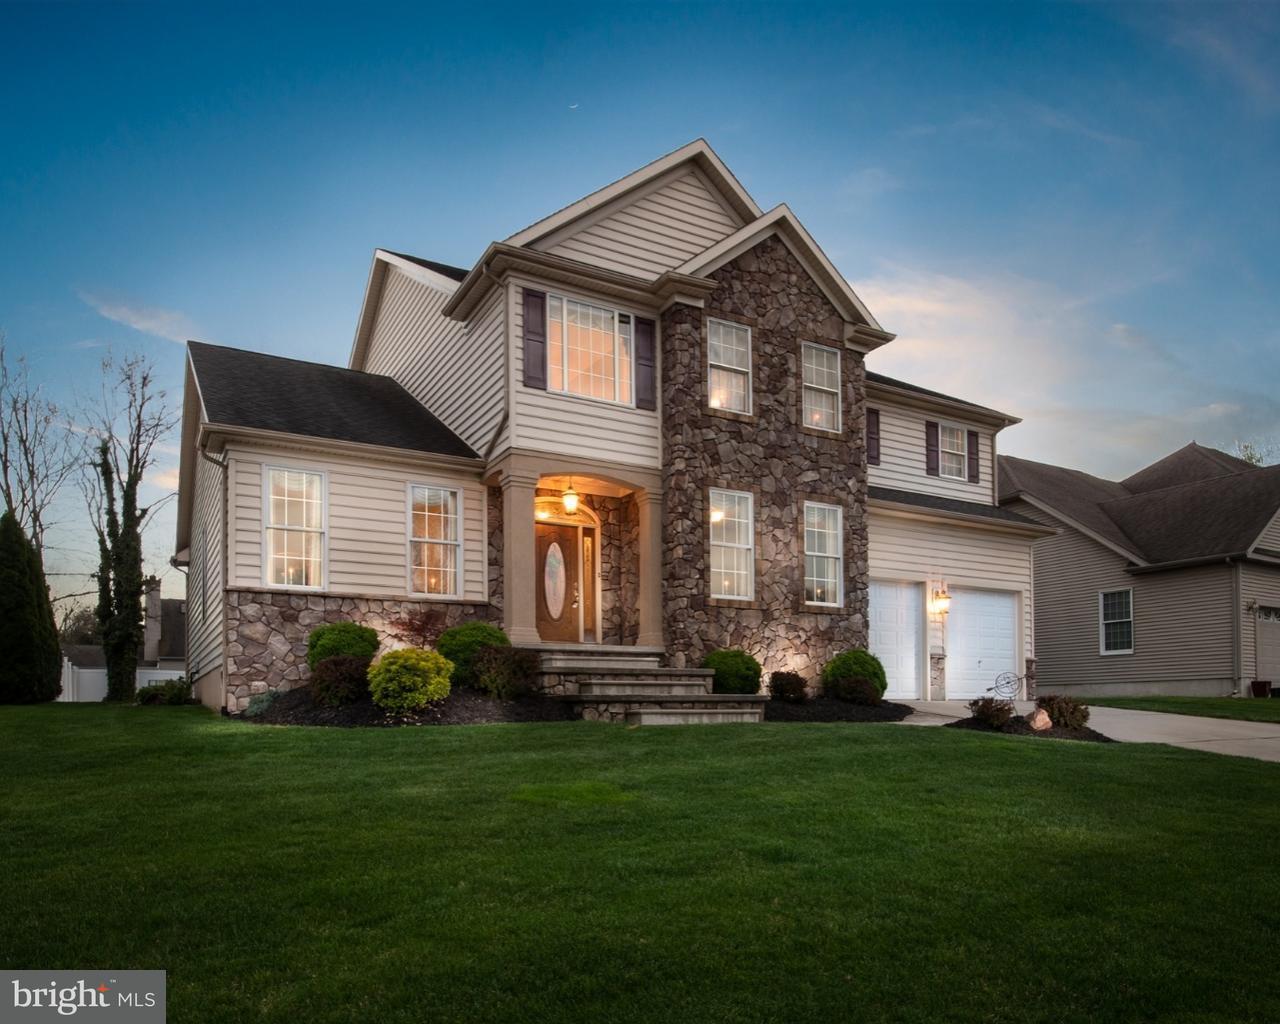 Частный односемейный дом для того Продажа на 7 SAINT JAMES Court Gloucester, Нью-Джерси 08012 Соединенные Штаты